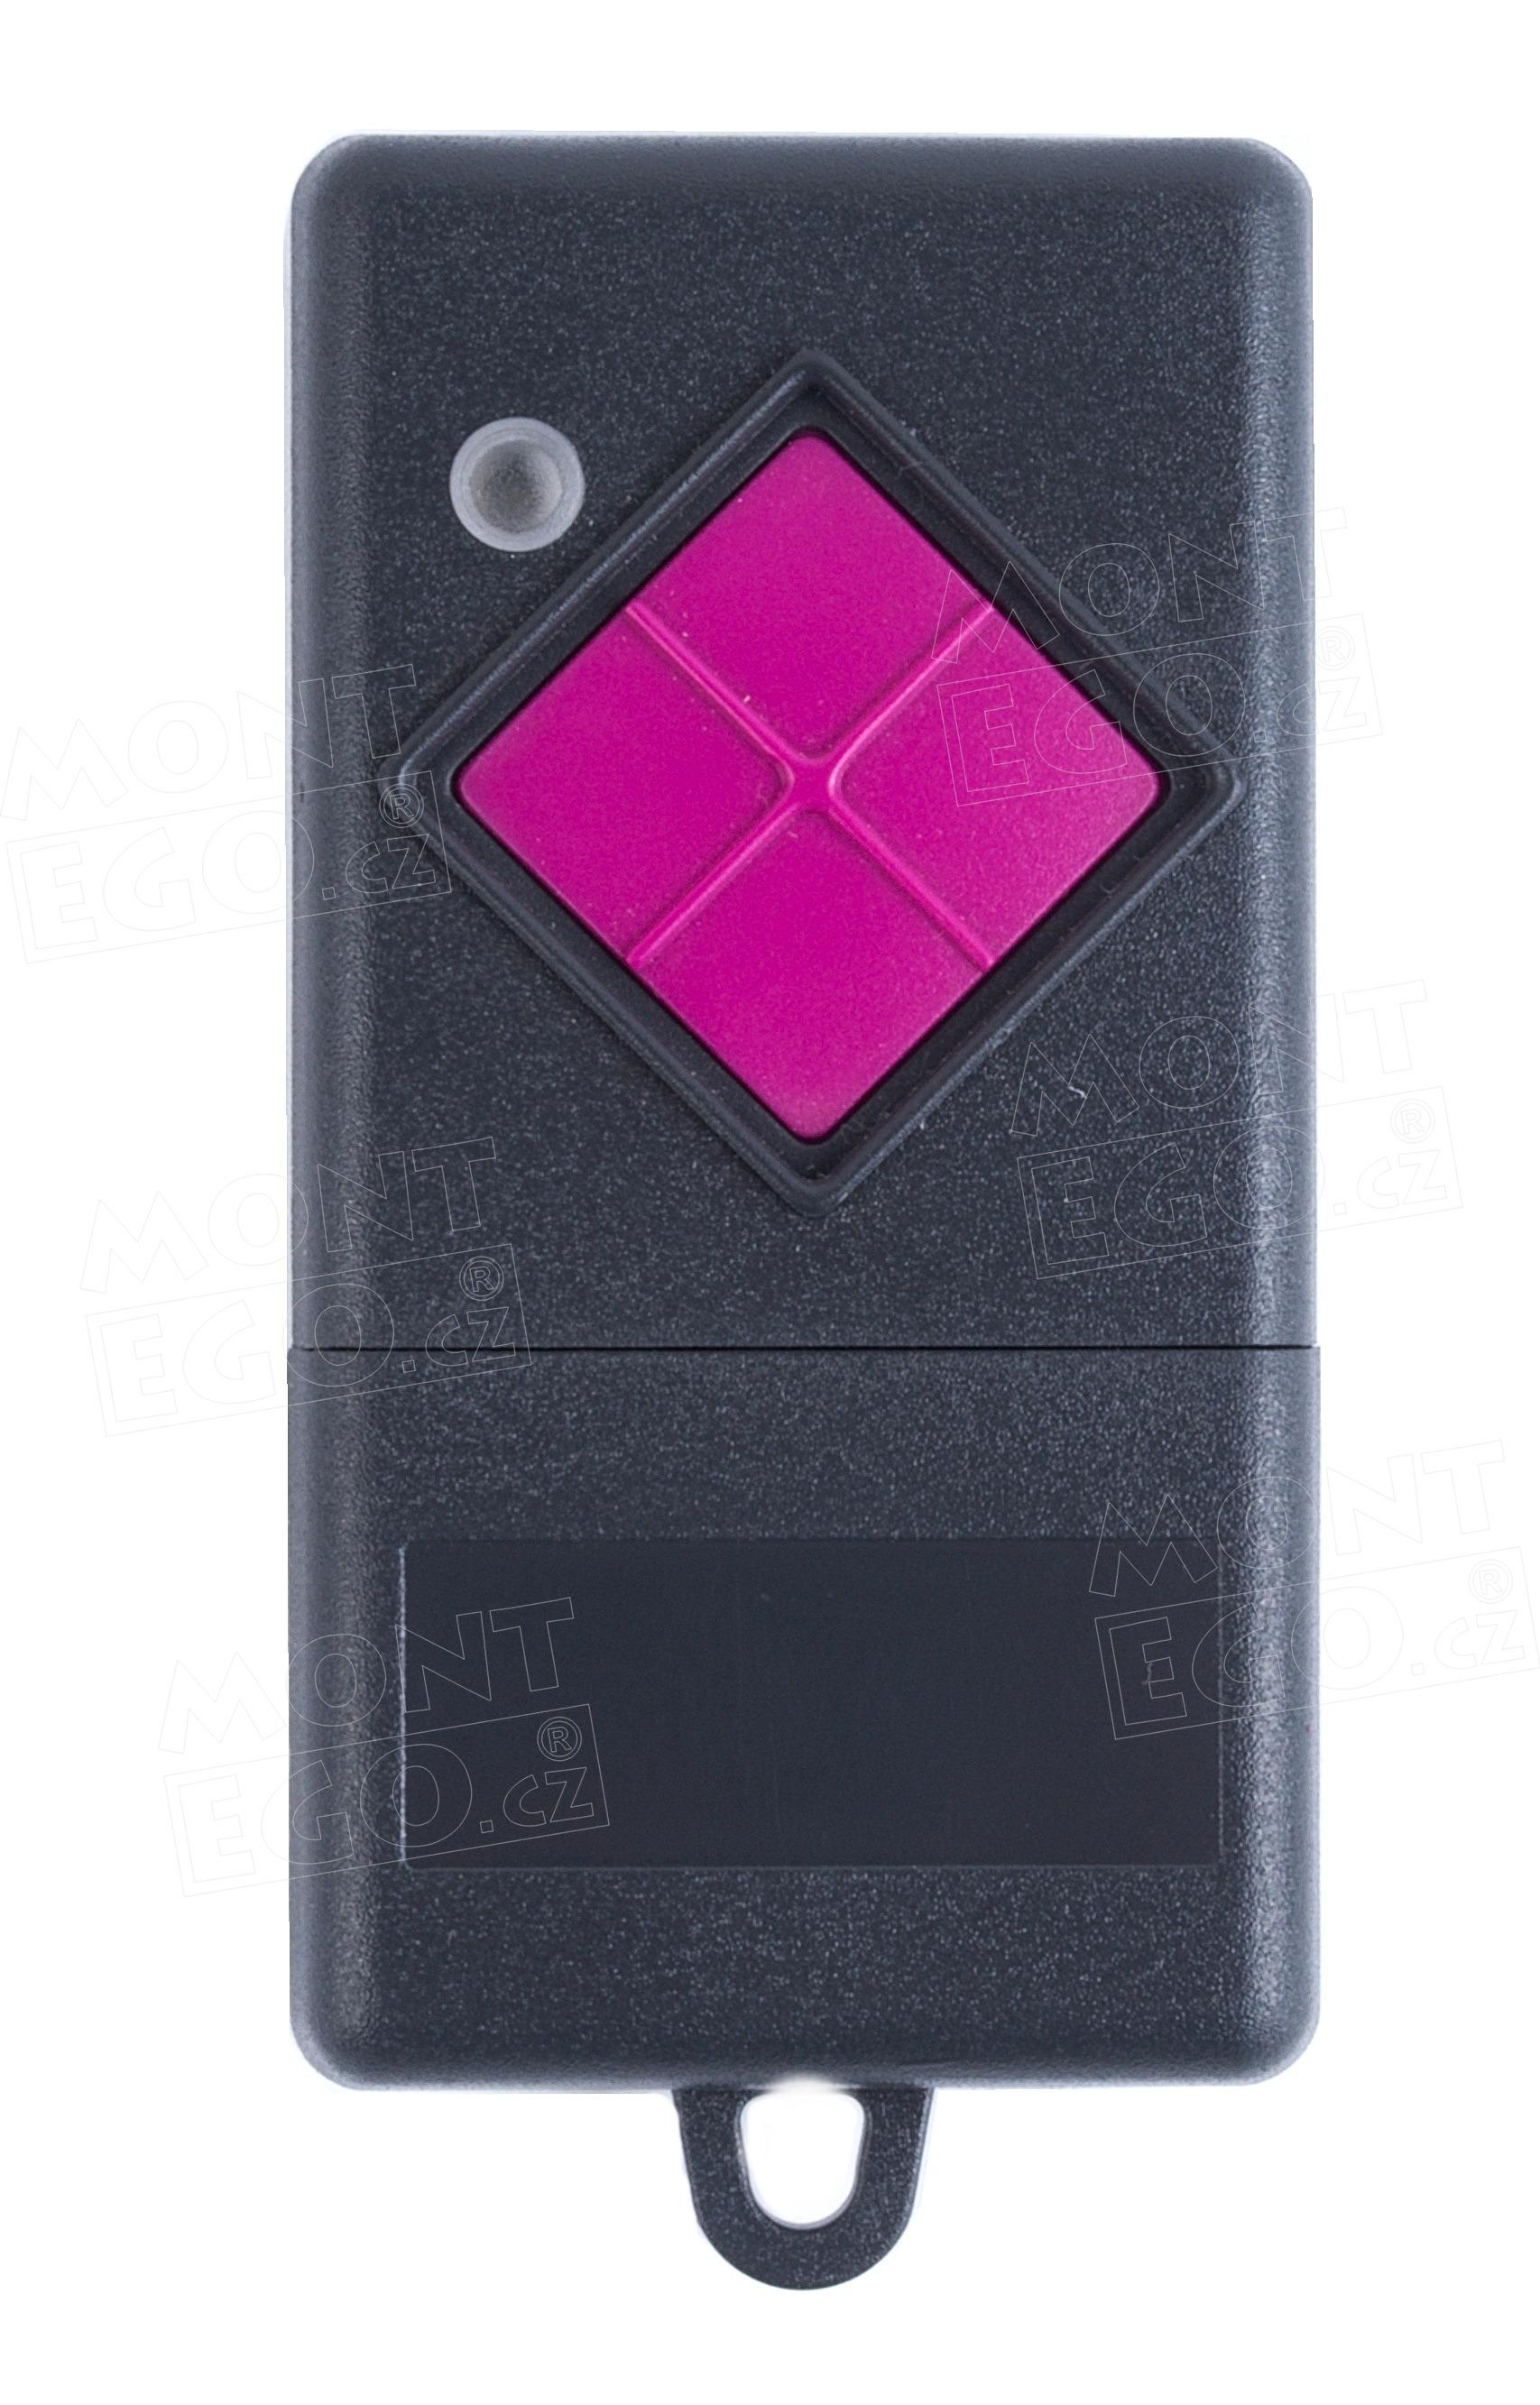 Dálkový ovládač Becker 1K433, 1 kanálový ovládač vrat